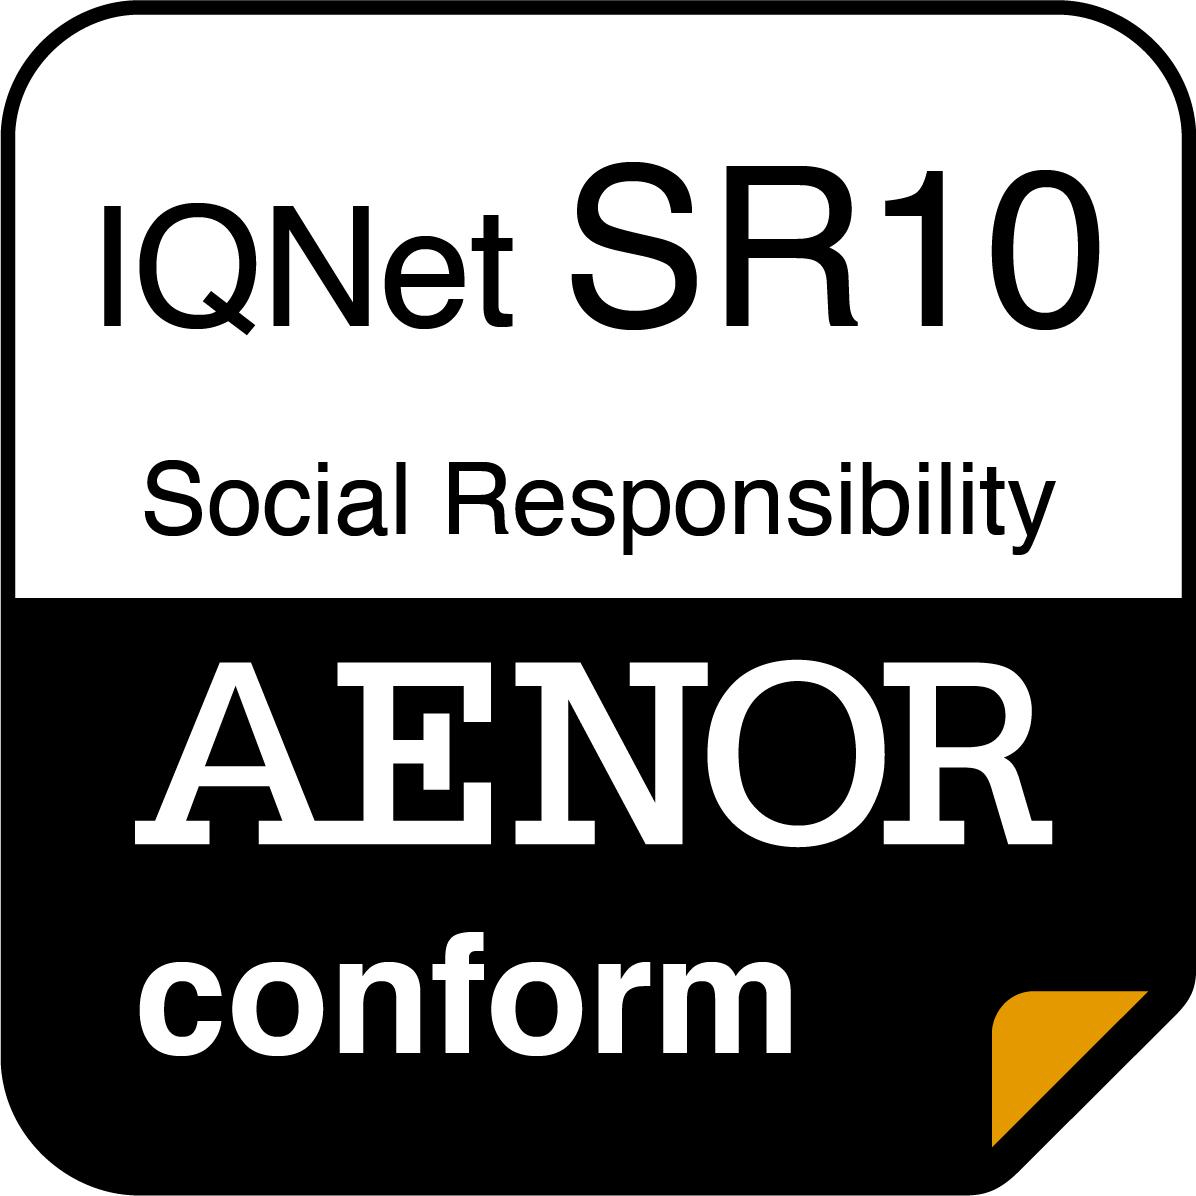 IQNet SR10